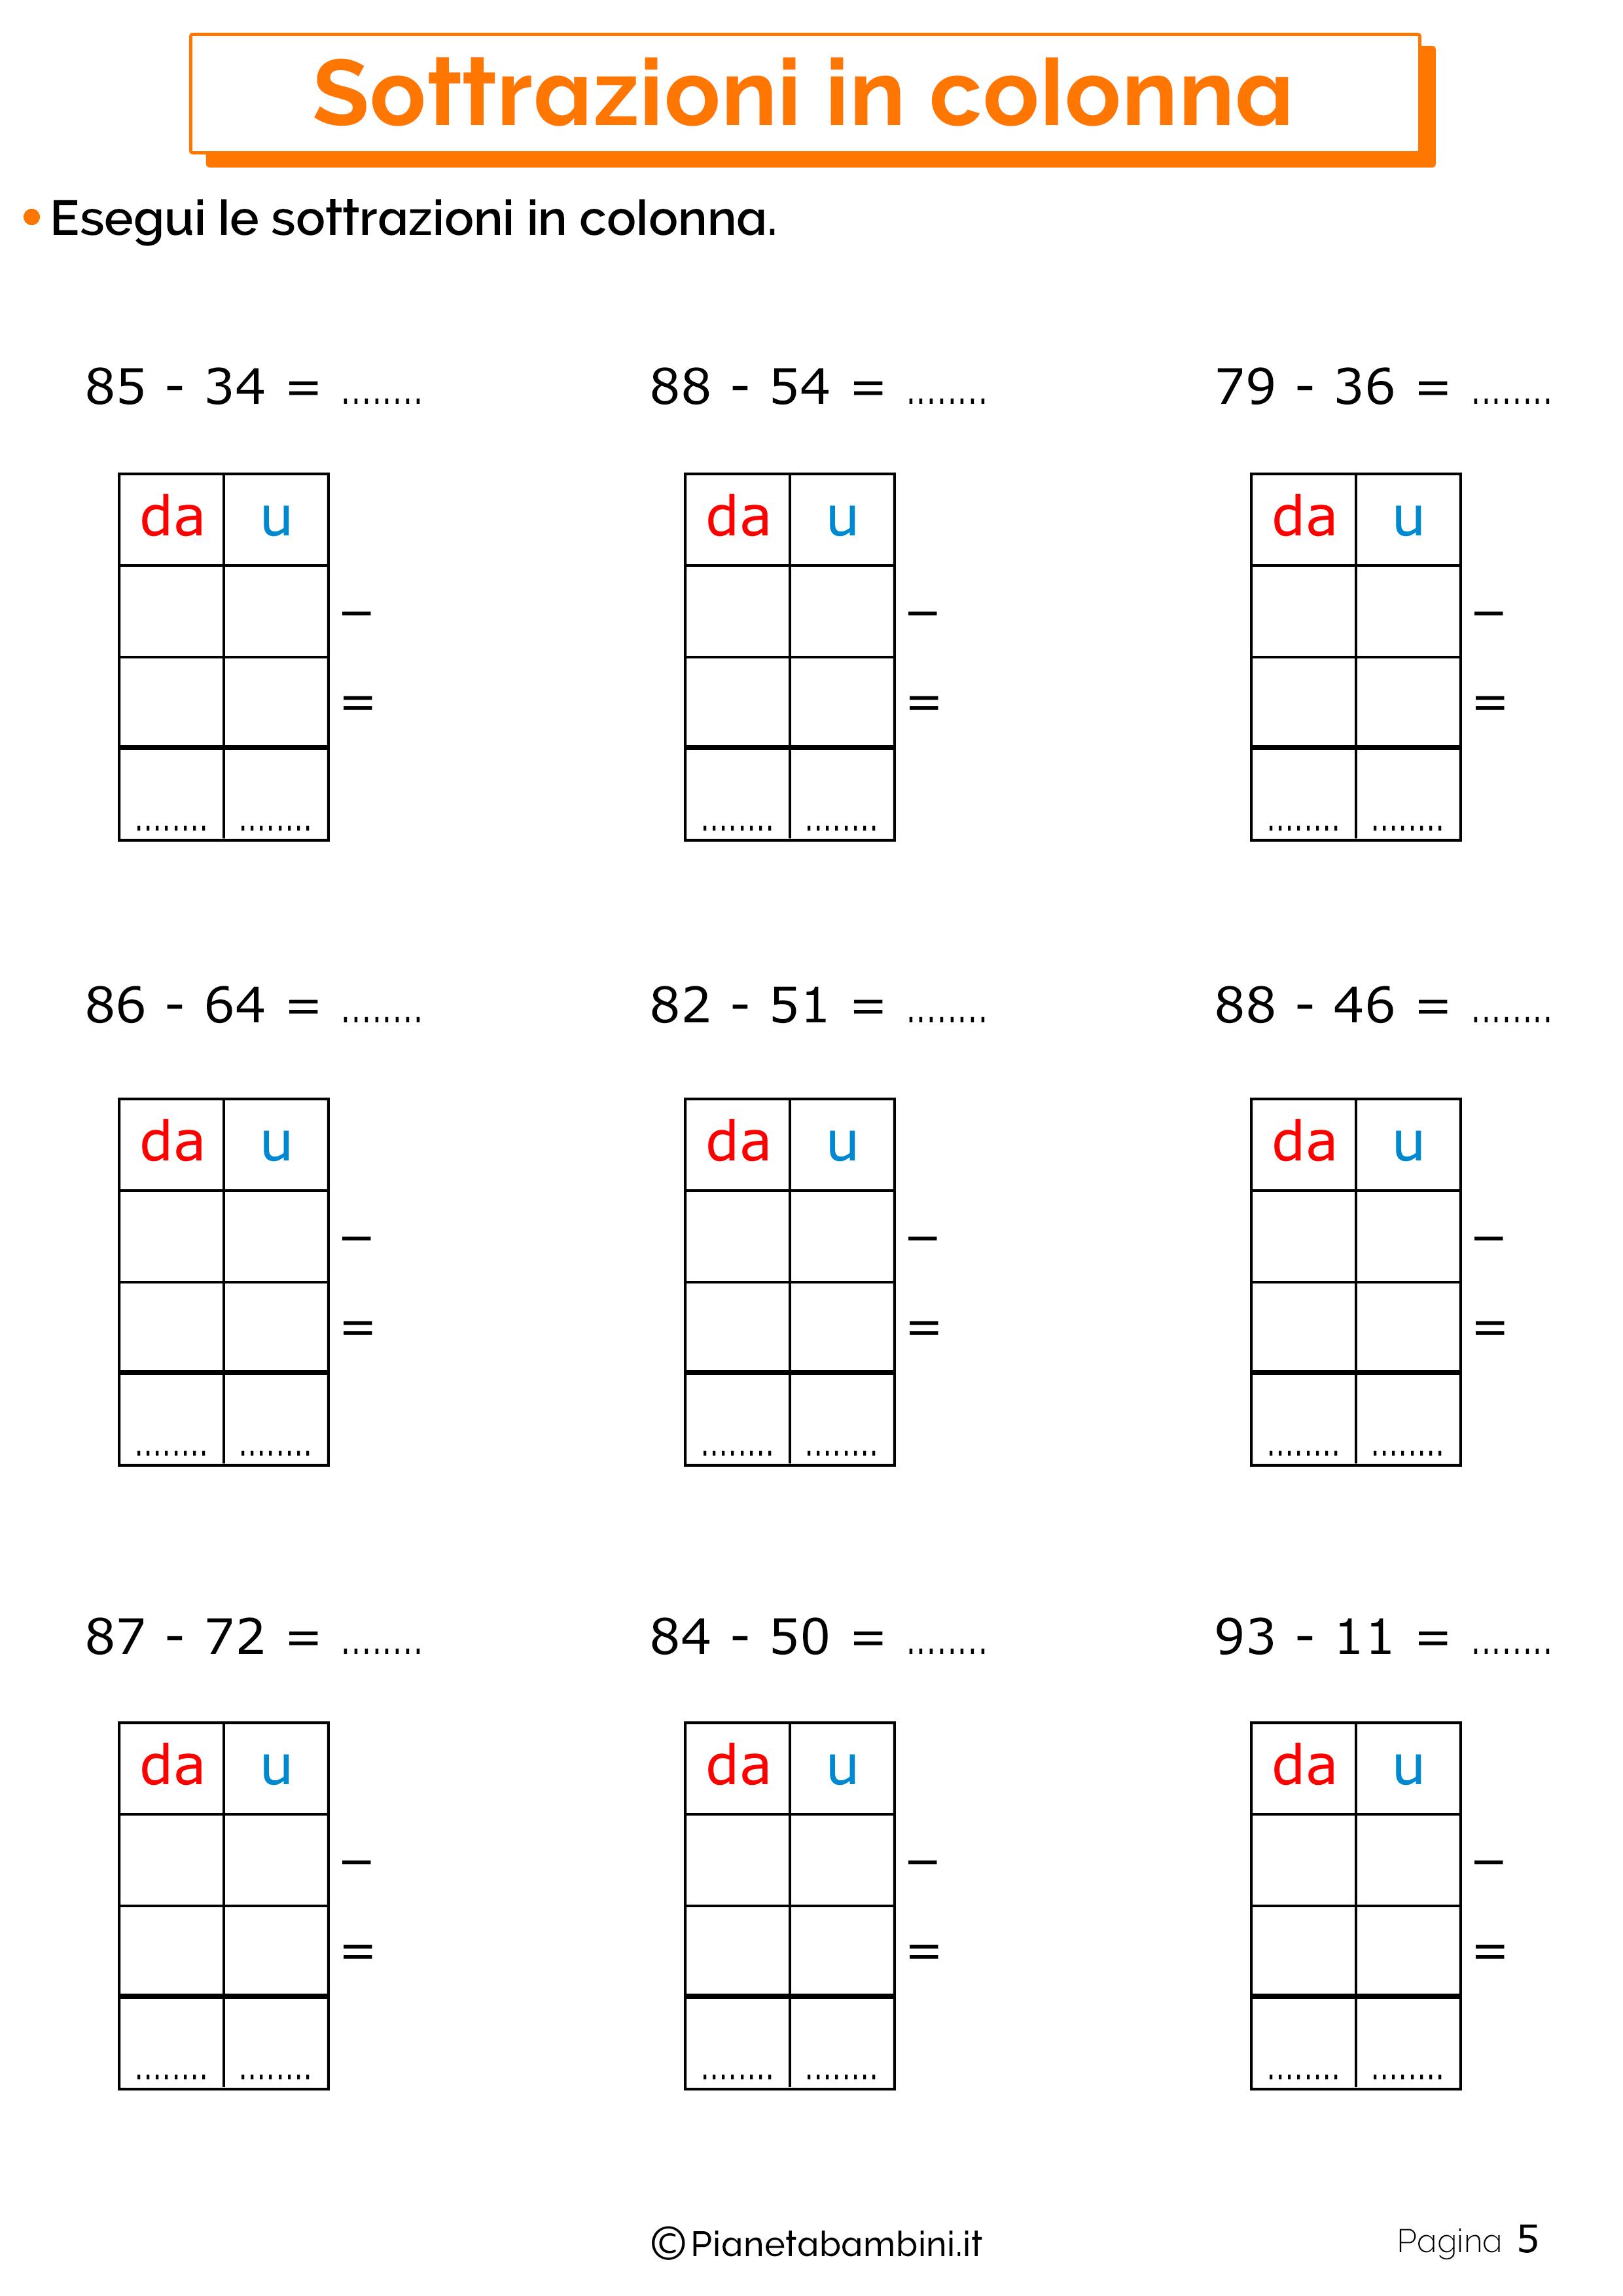 Schede didattiche sulle sottrazioni in colonna 5